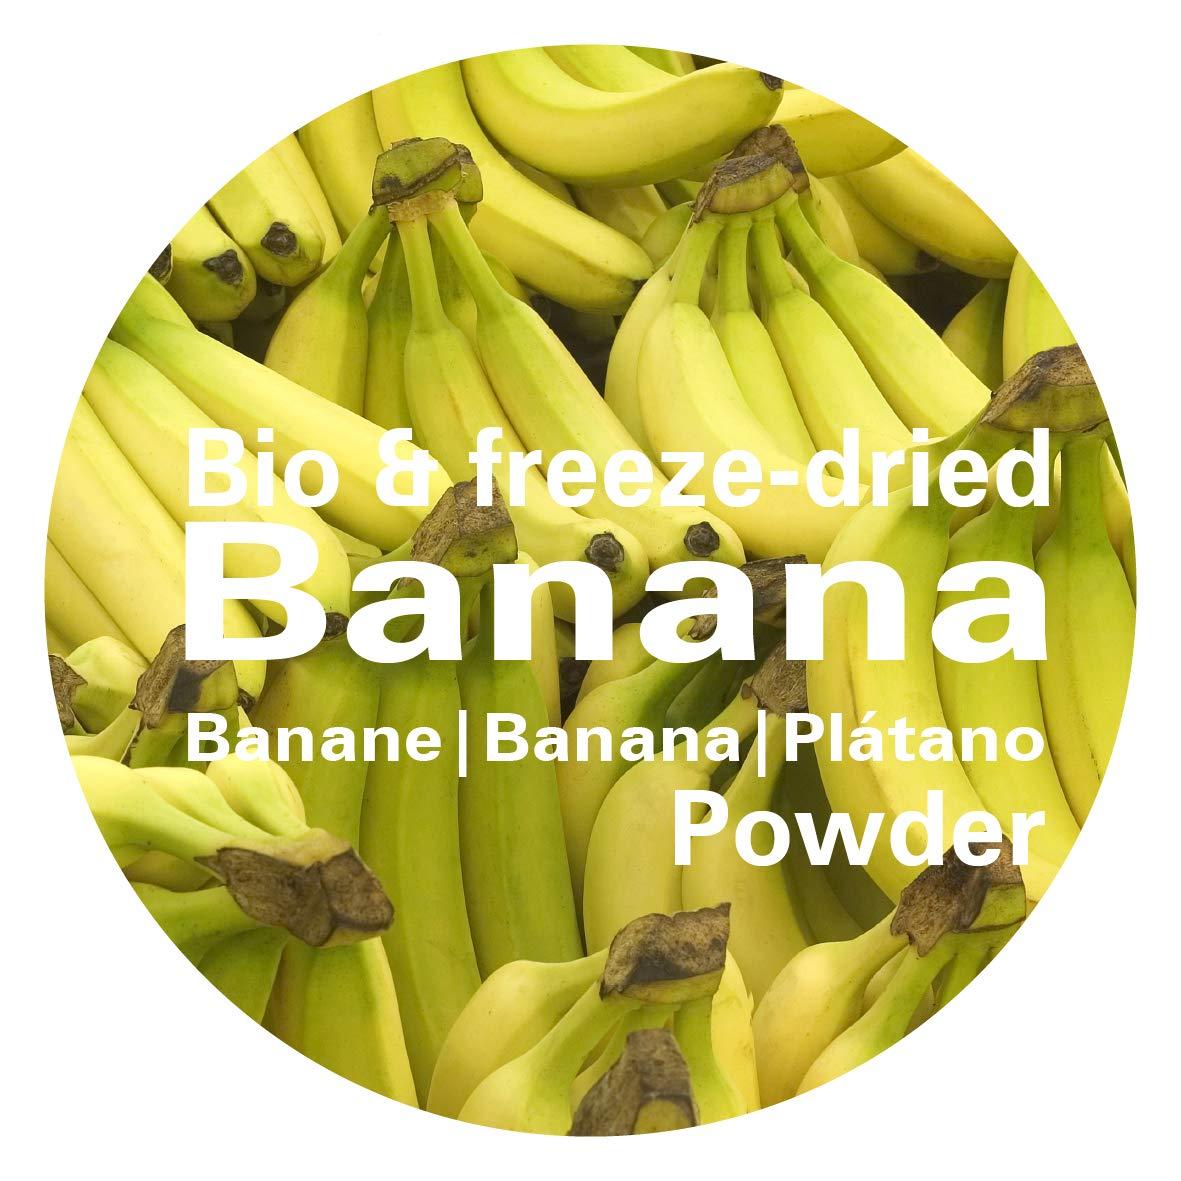 Plátano en Polvo - Liofilizado|biológico|vegano|crudo|pura fruta|no aditivo|rica en vitamina|Good Nutritions 120g: Amazon.es: Alimentación y bebidas